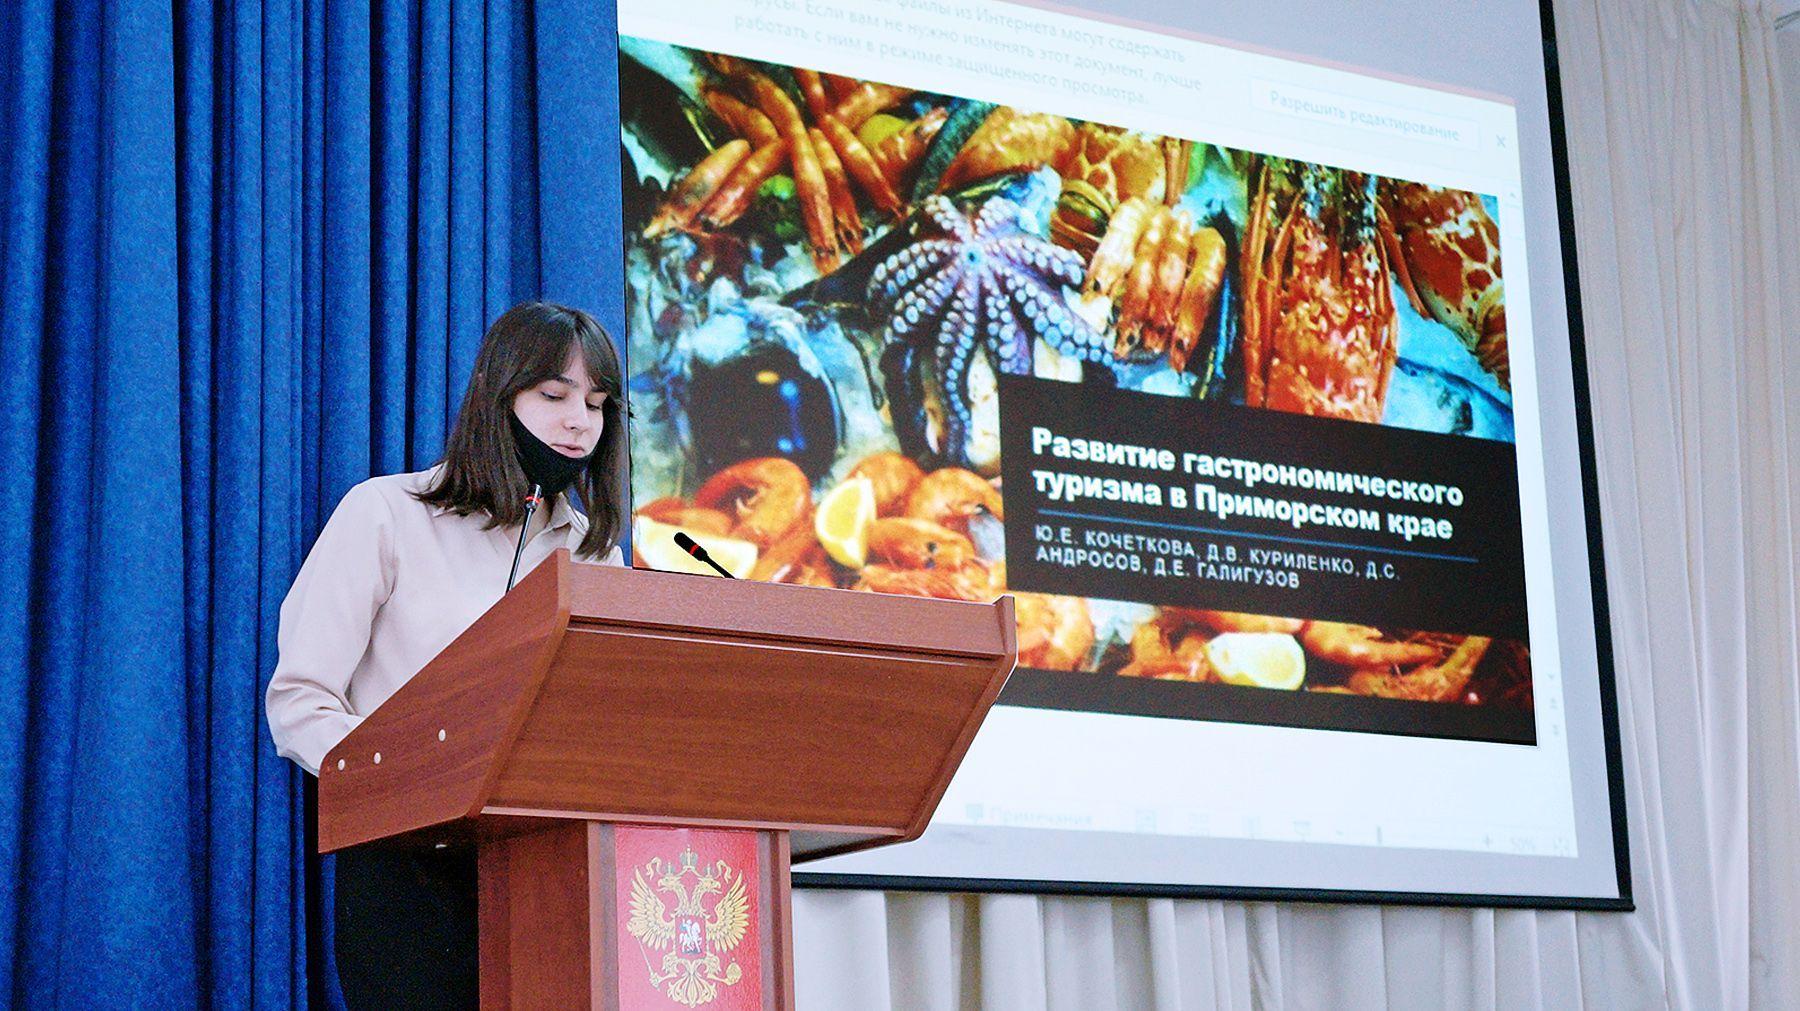 Студенты МИТГ ВГУЭС стали победителями III Всероссийской научно-практической конференции студентов «Владивосток – Москва»